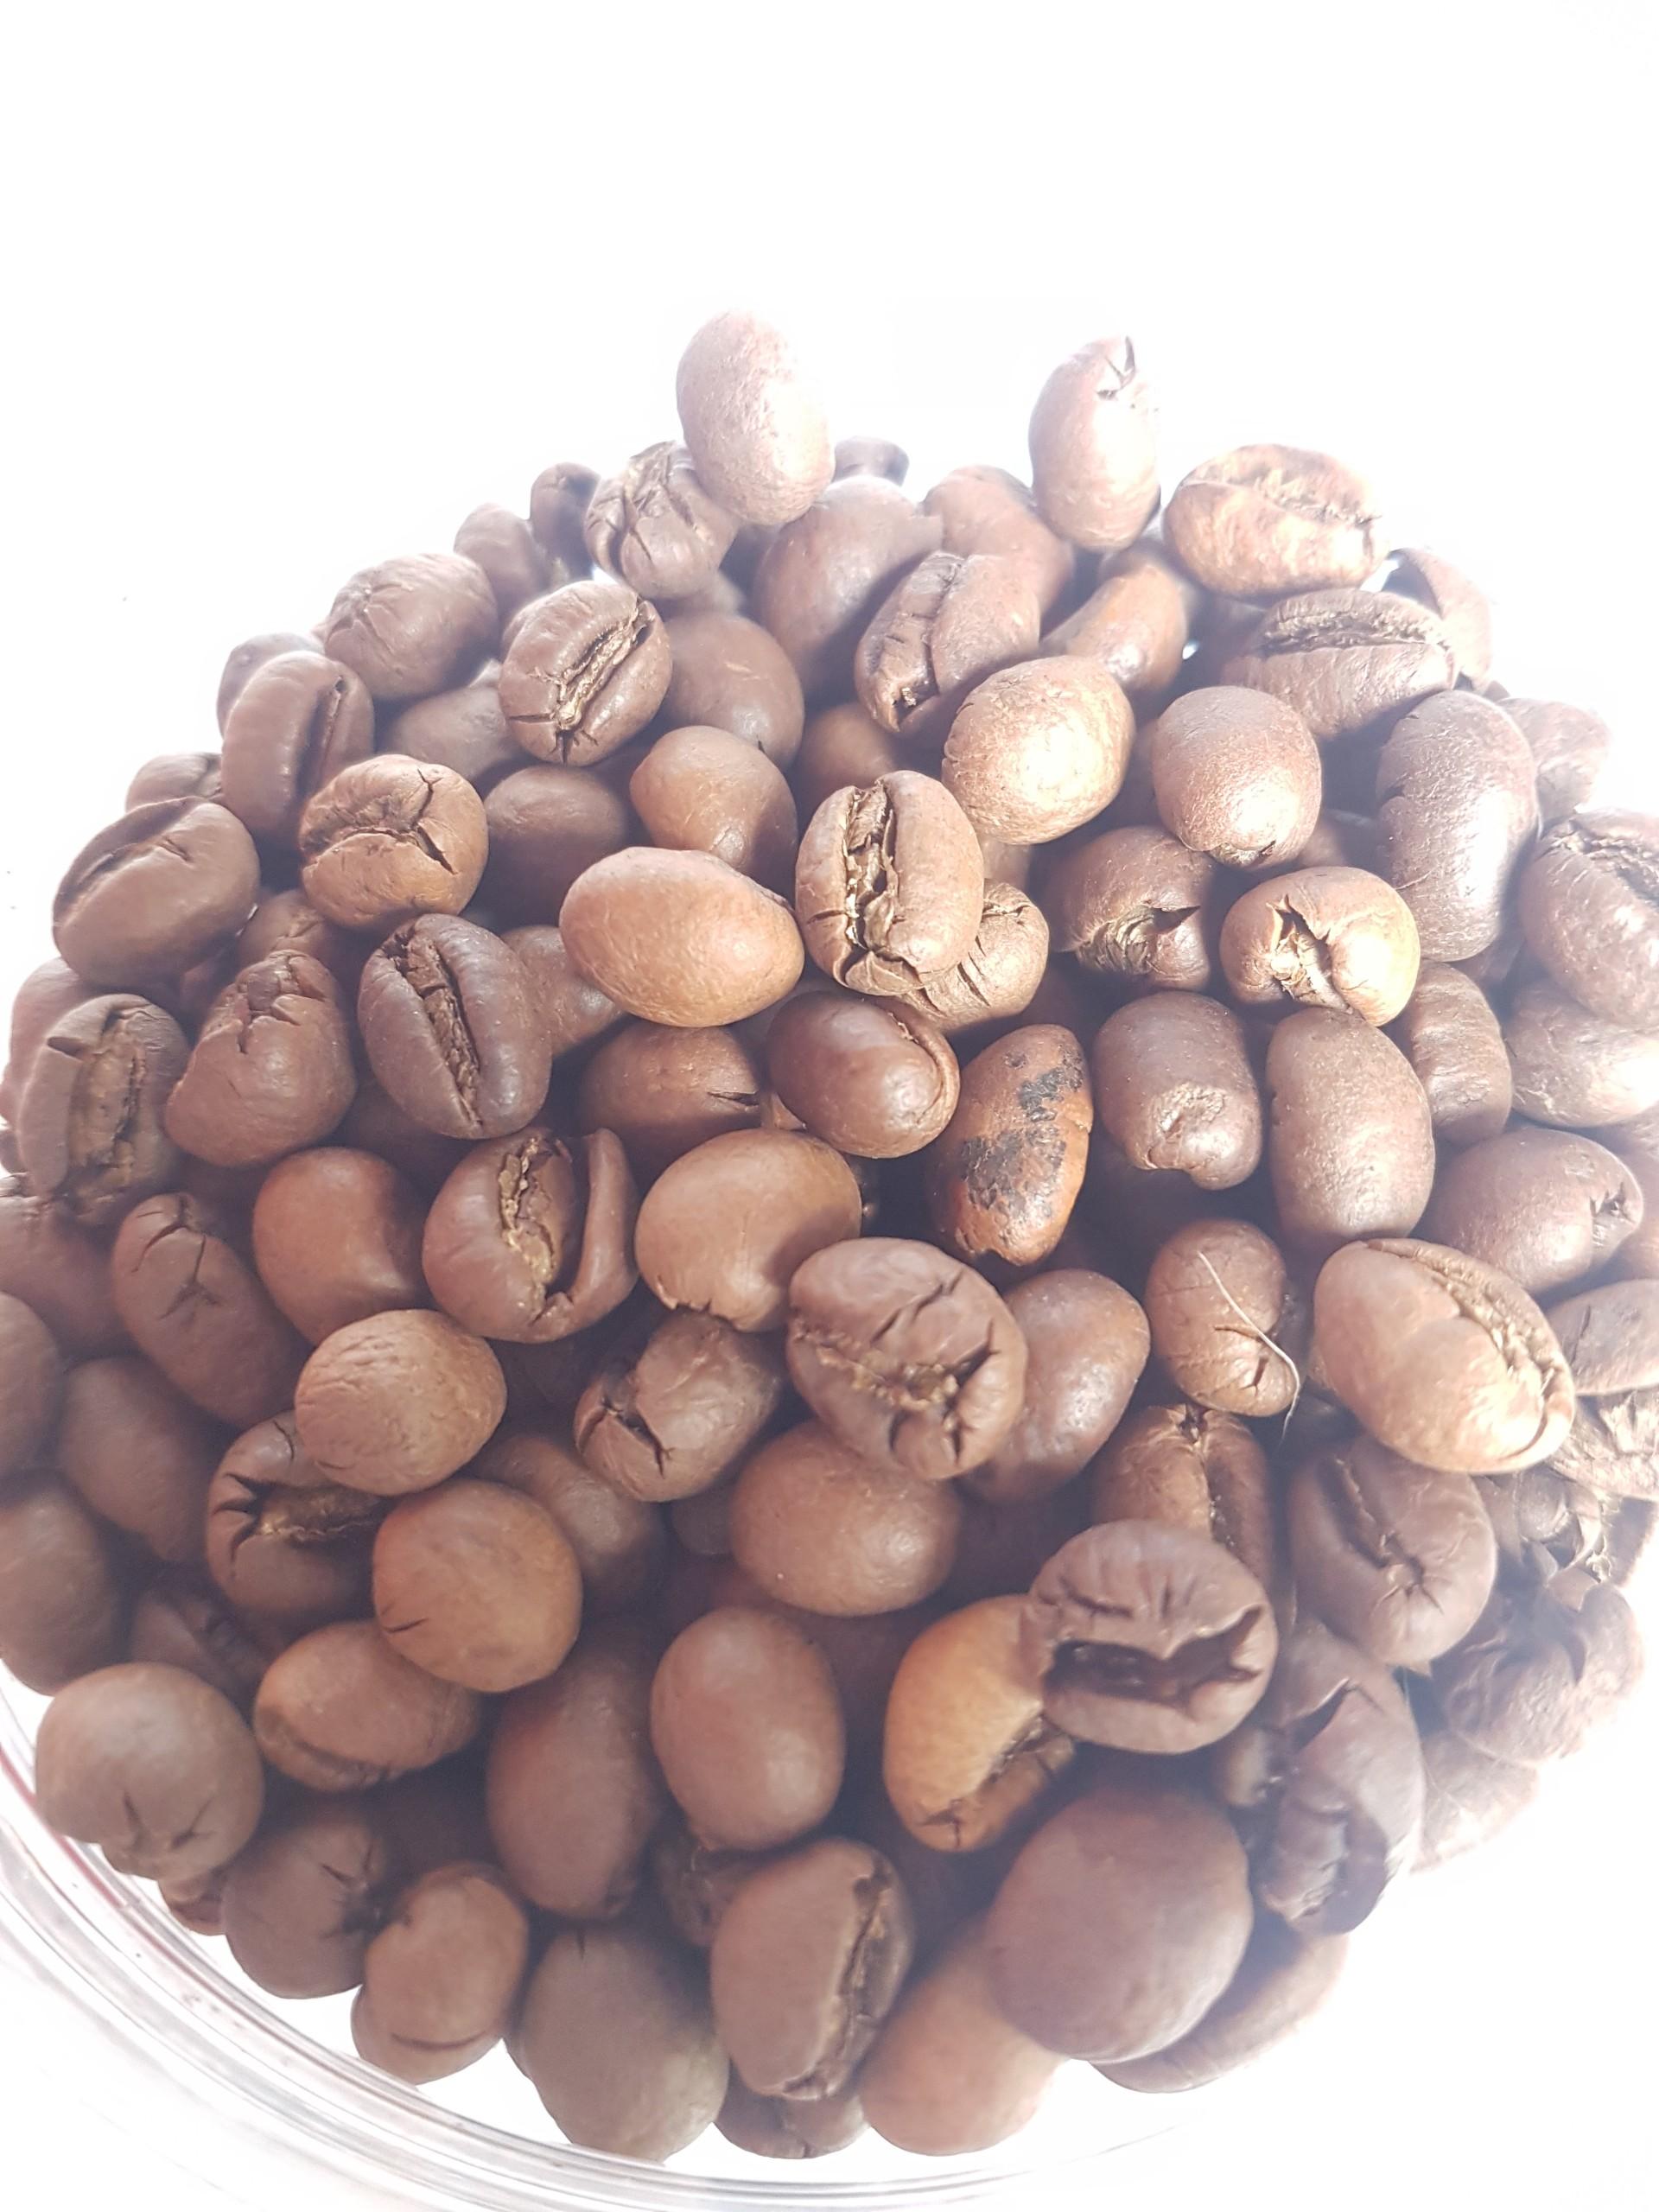 Trên thị trường ngày nay xuất hiện nhiều sản phẩm cà phê không rõ nguồn gốc